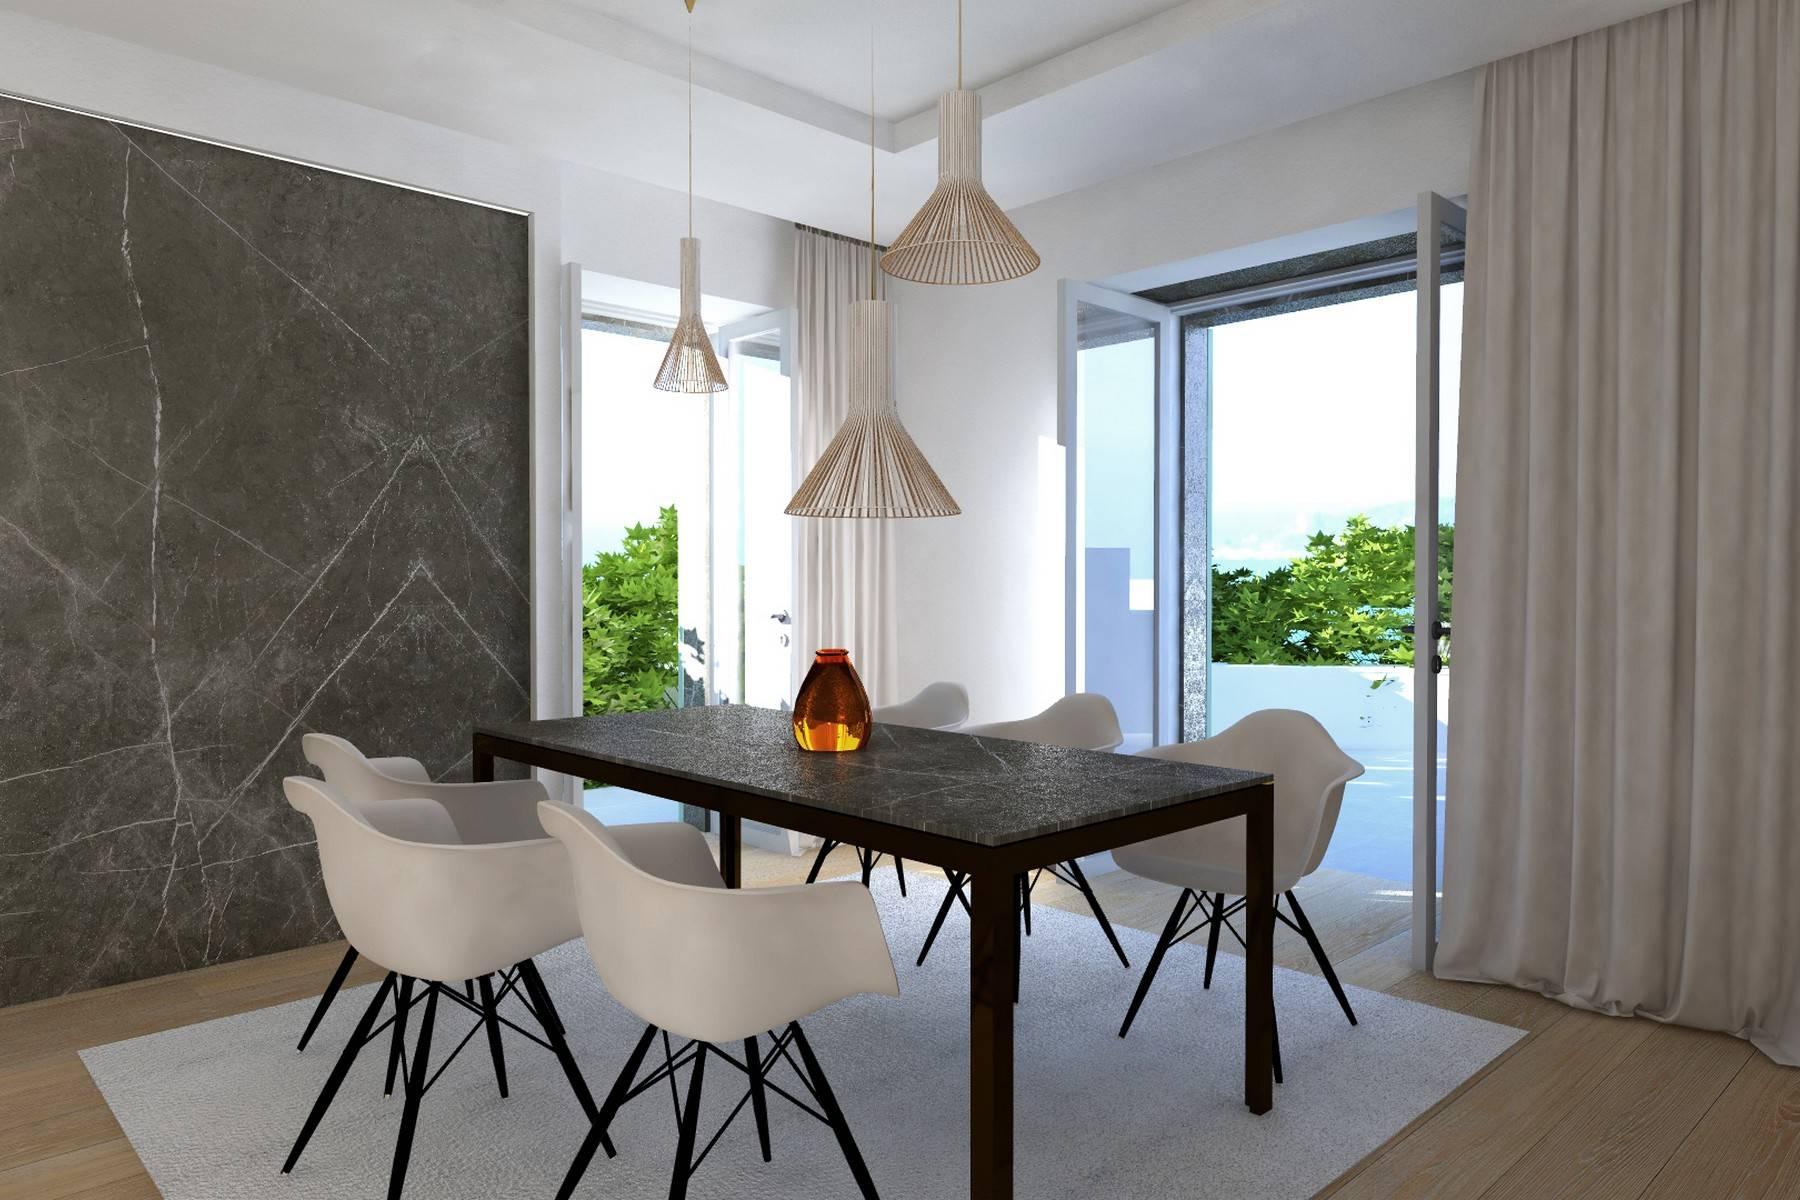 Appartamento in Vendita a Ventimiglia: 4 locali, 116 mq - Foto 6